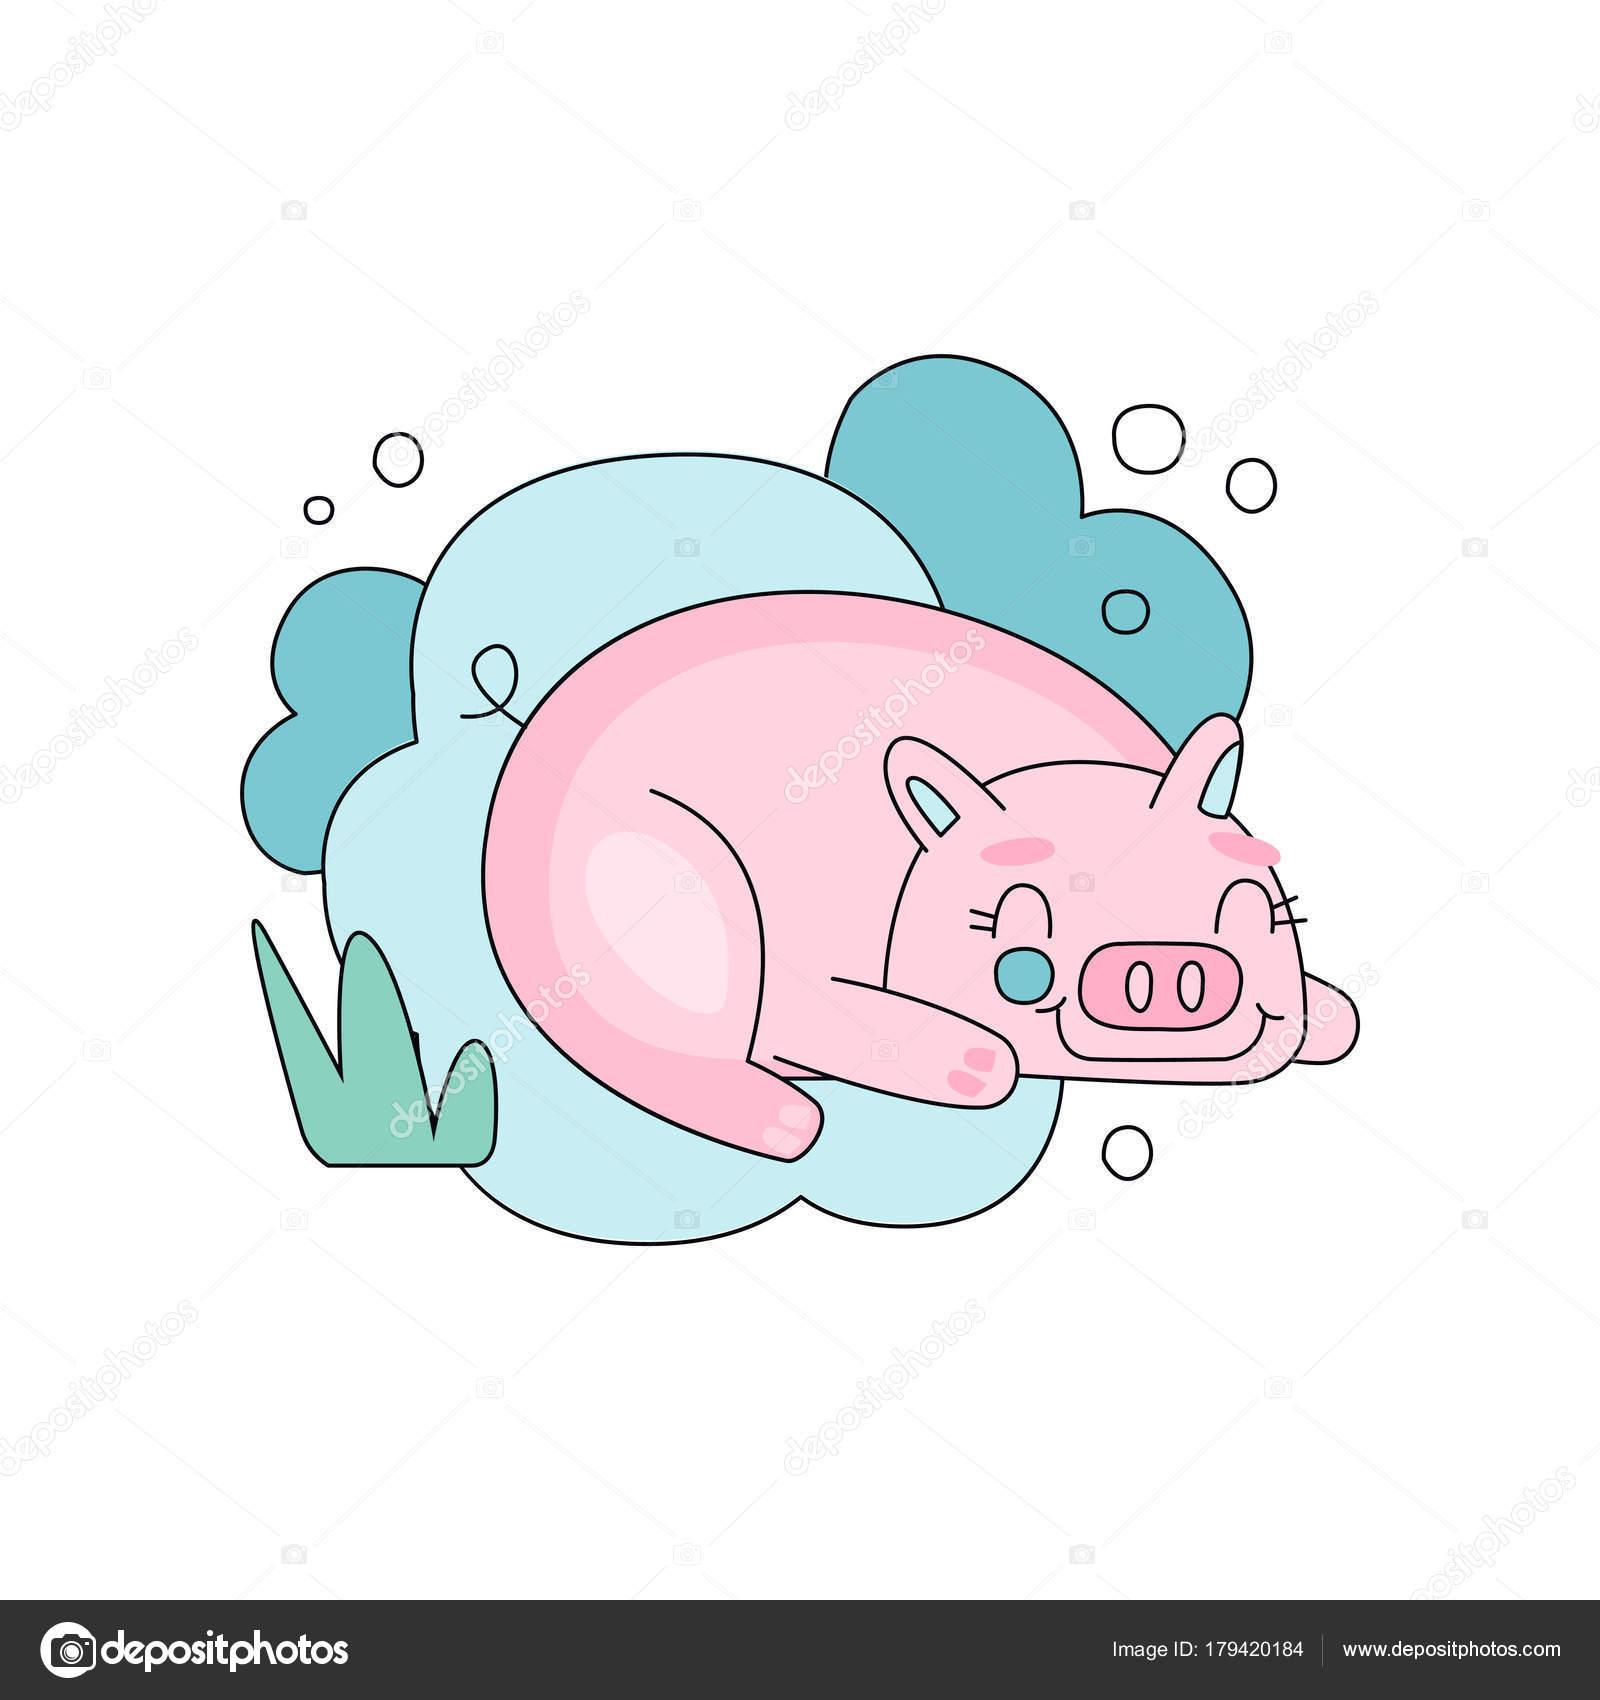 青いふわふわ雲の背景に眠そうなピンクの豚との素敵なイラスト子供の本